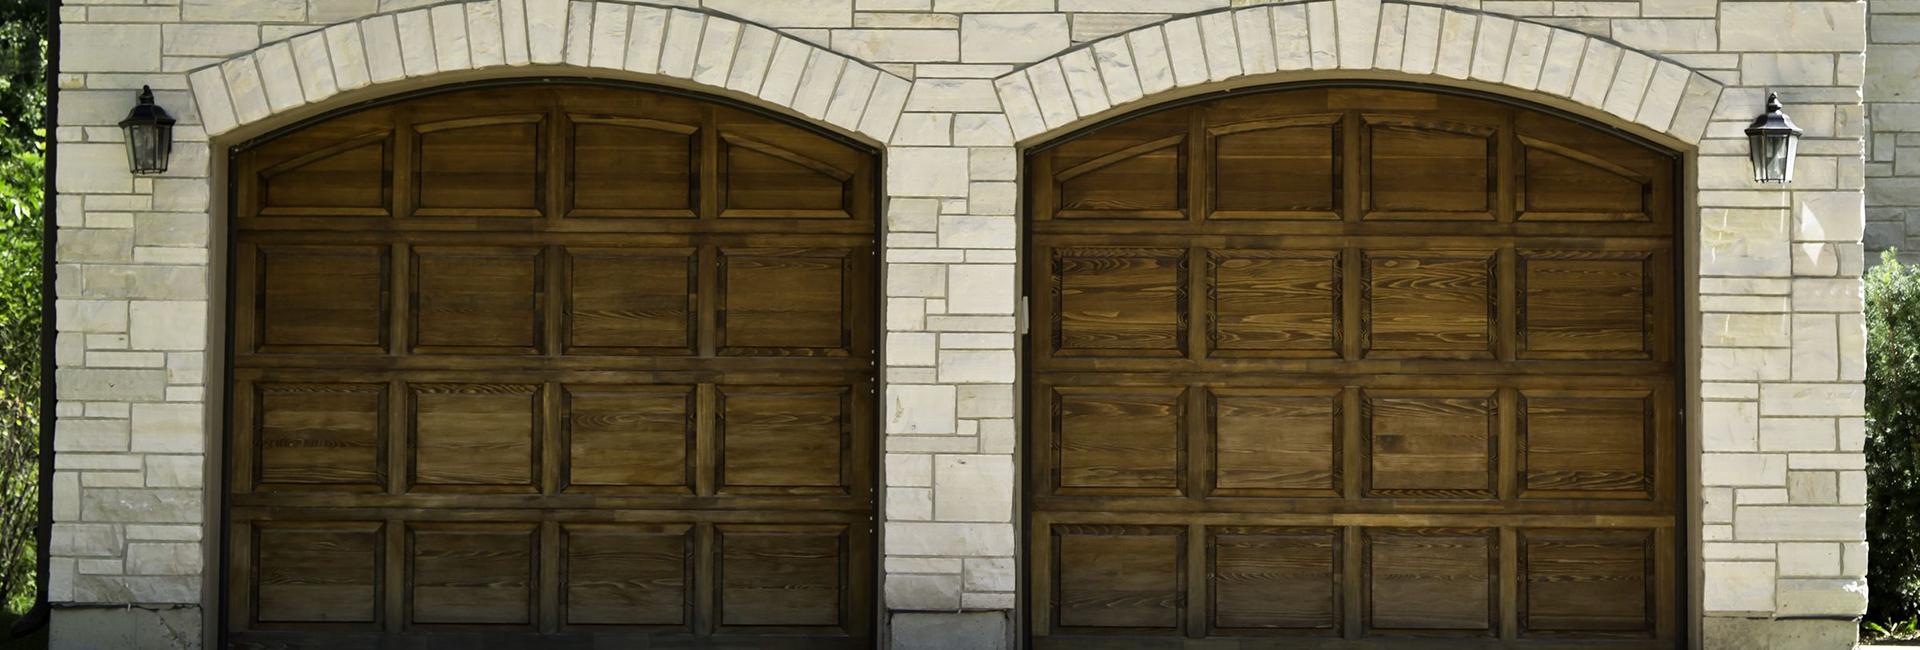 Garage Door Repair And Installation | Commercial Garage ...